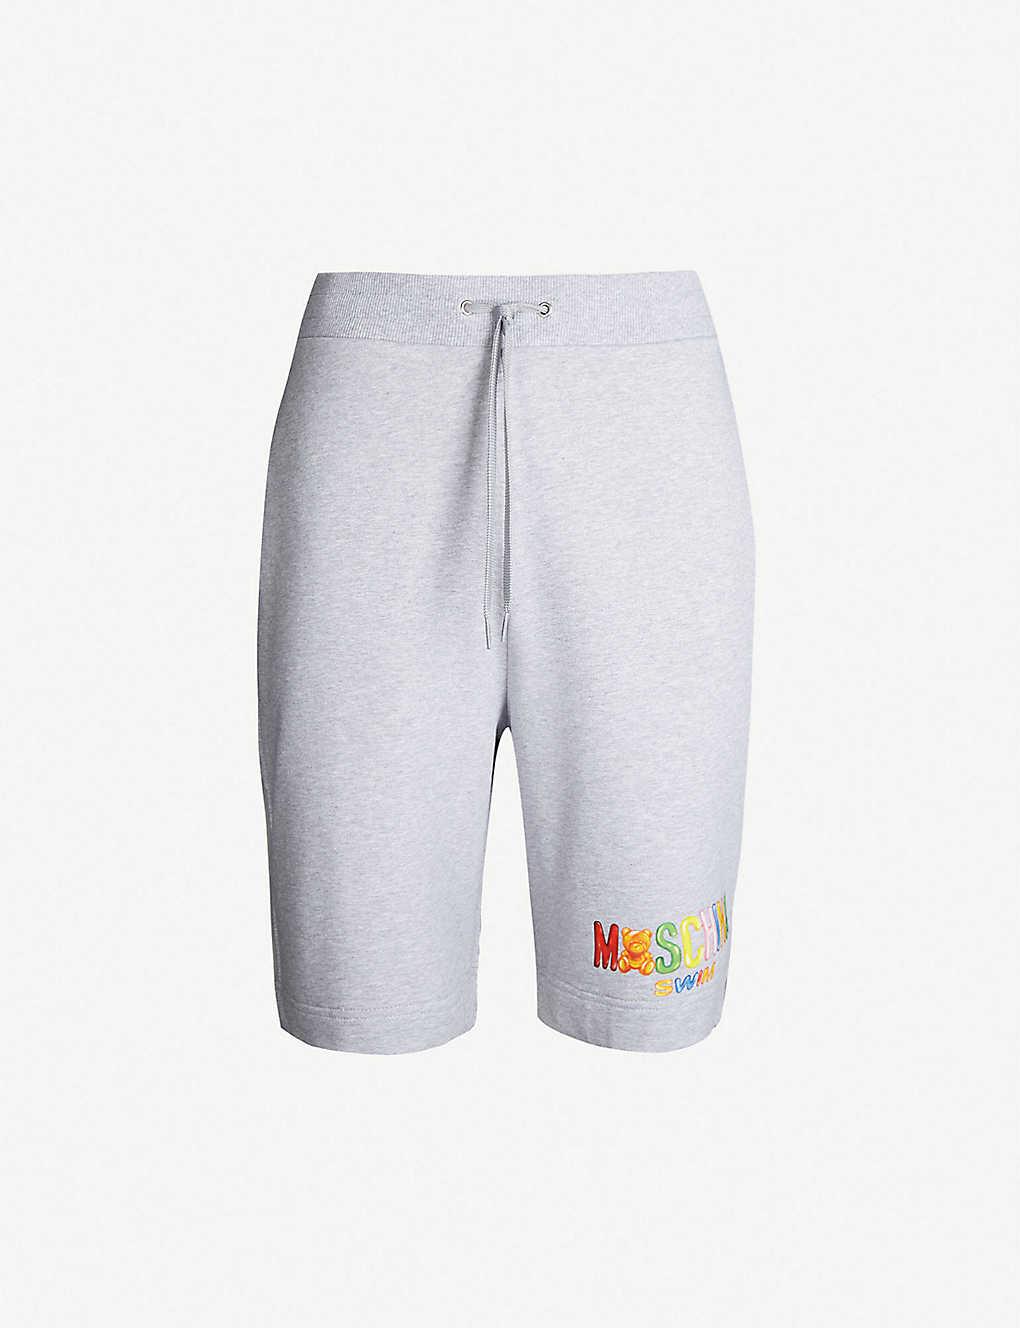 716dd1d273 MOSCHINO - Bear-print cotton-jersey shorts | Selfridges.com